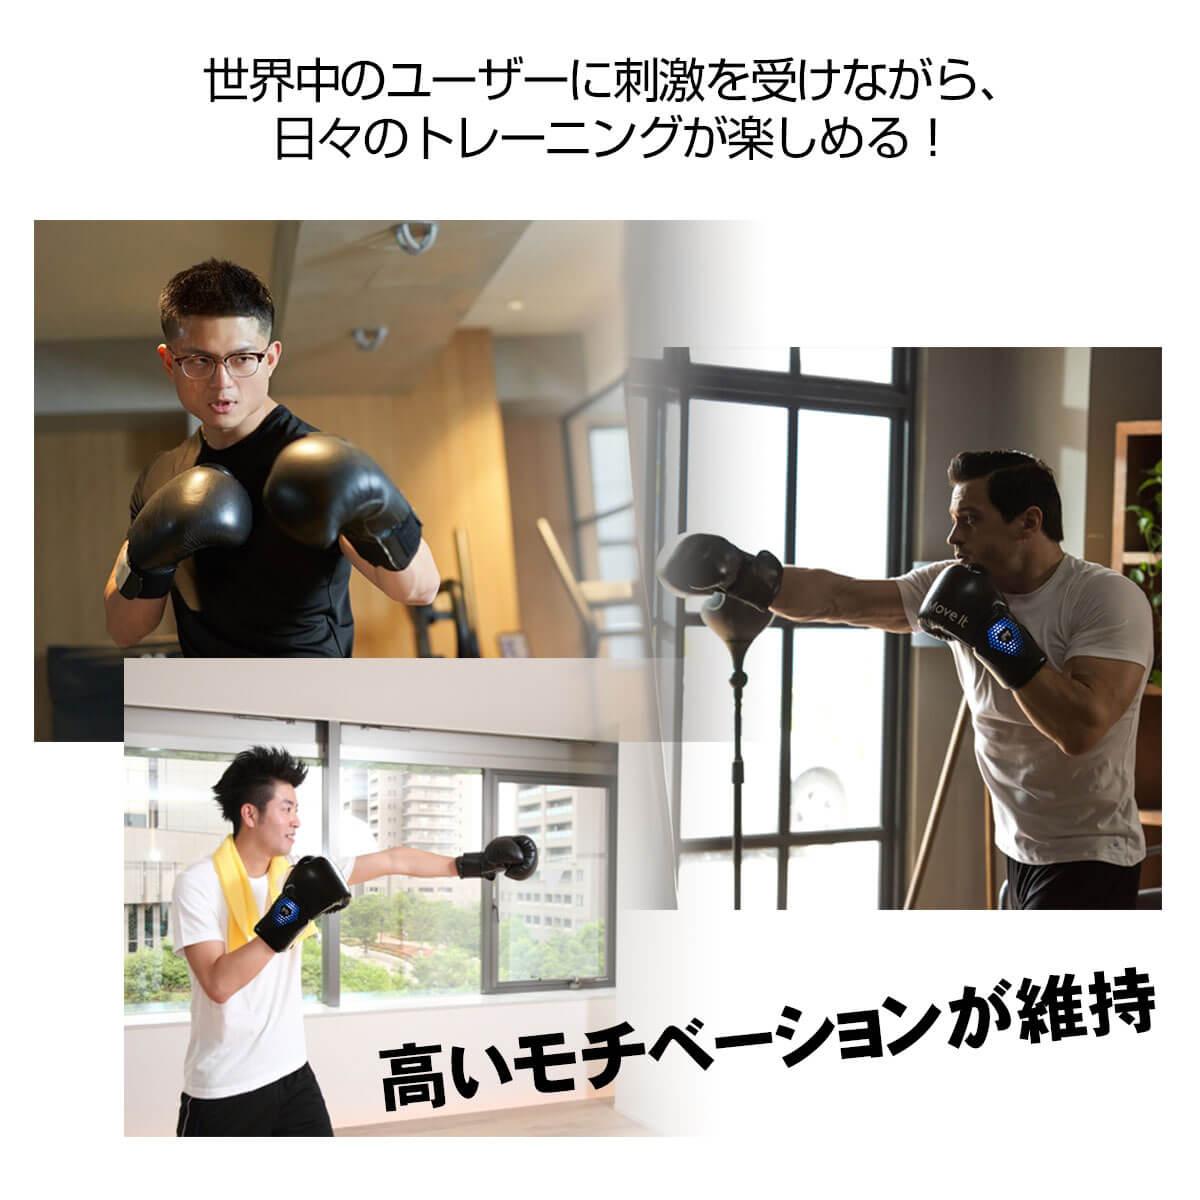 ボクシング スマホ連動 バーチャルボクサー ボクササイズ パンチ力 フィットネス 筋トレ 器具 脂肪 燃焼 メタボ